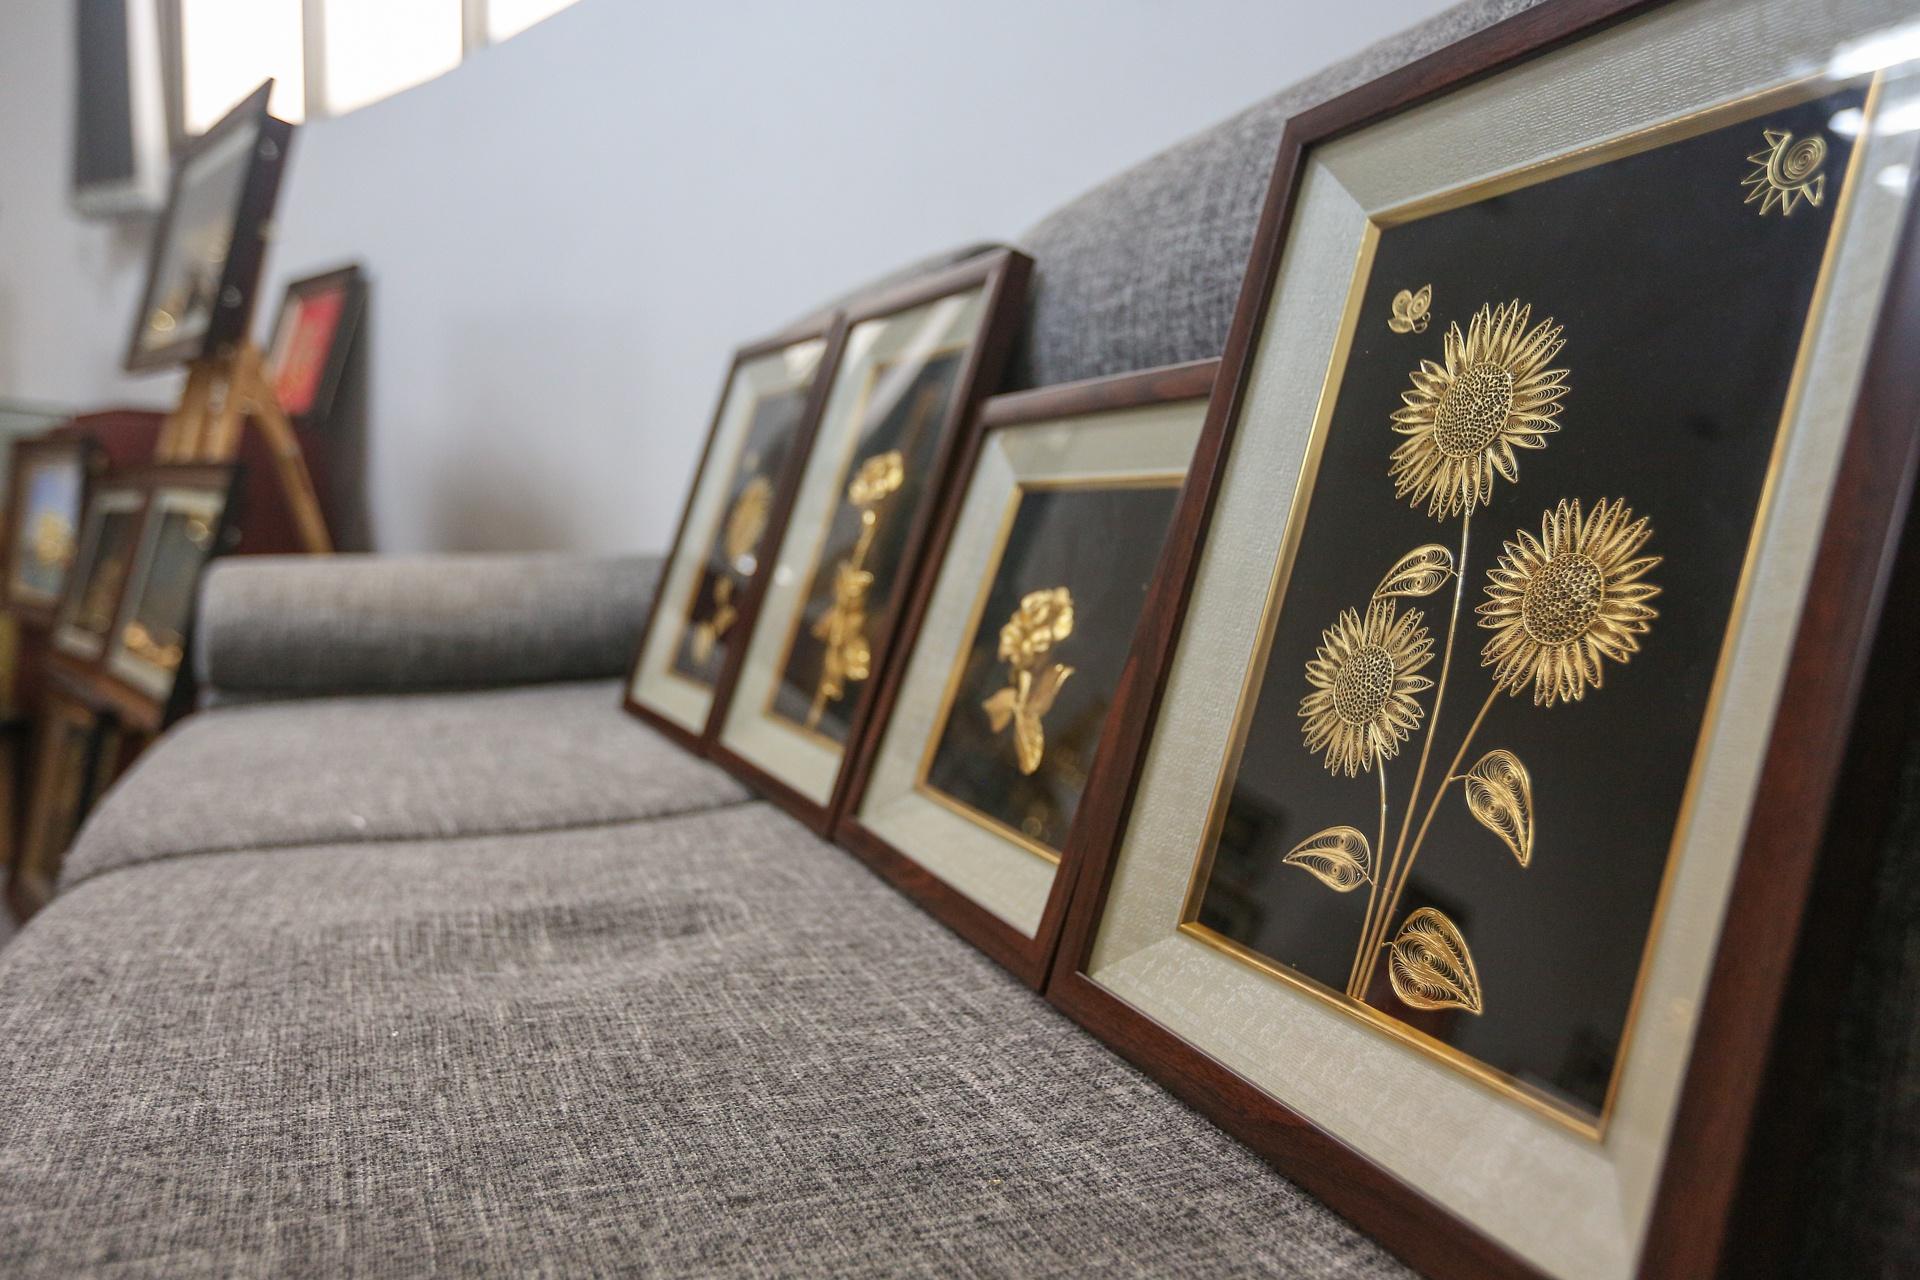 Hoa mạ vàng tiền triệu ngập tràn thị trường quà tặng ngày 8/3 - Ảnh 5.